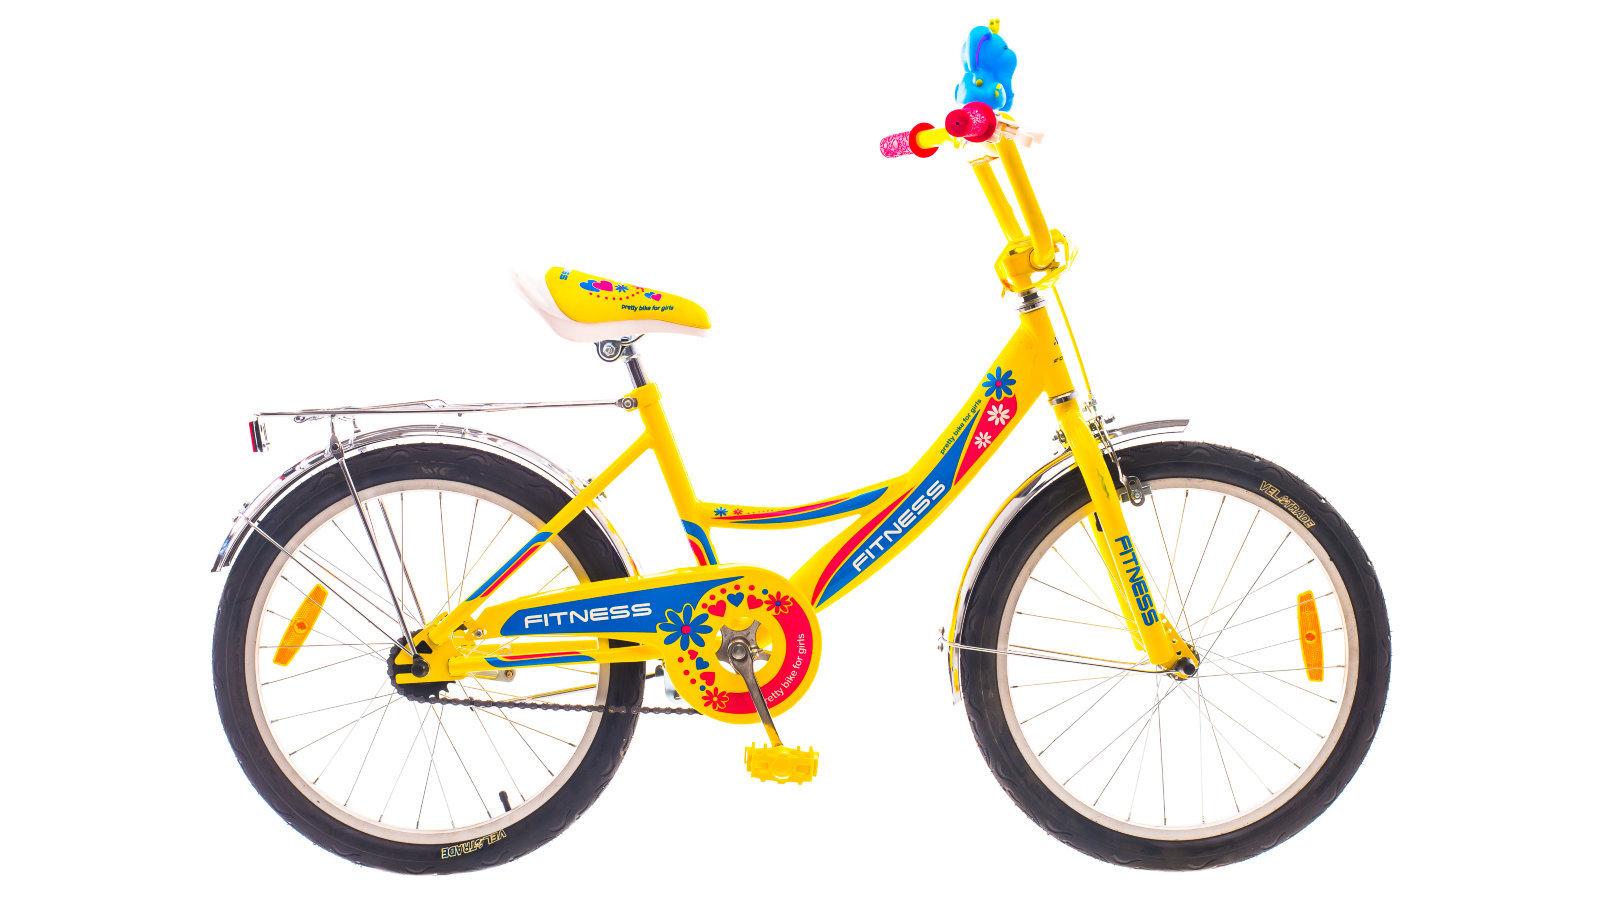 Желто-сине-красный велосипед для девочек Formula Fitness 2015 с колесами 20 дюймов